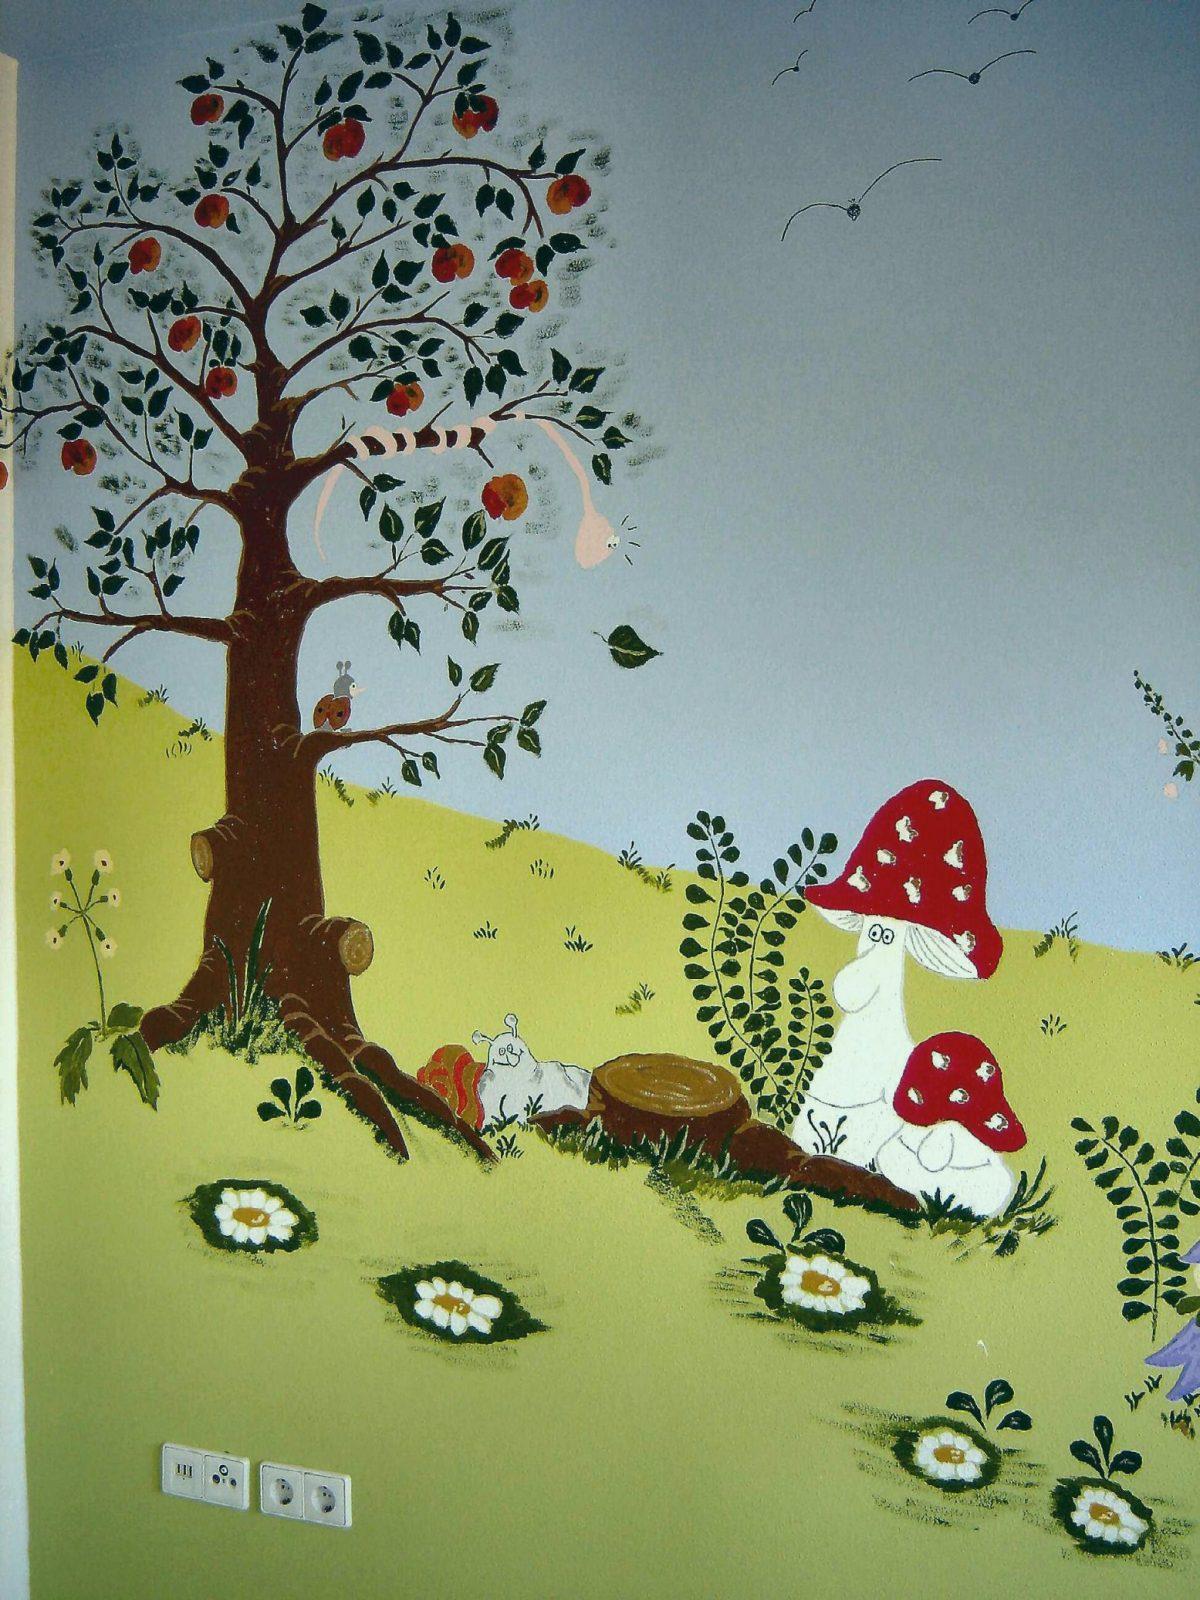 Wandbilder Kinderzimmer Vorlagen Perfekt Malen Zeichnen Wandbilder von Vorlagen Wandbilder Für Kinderzimmer Bild